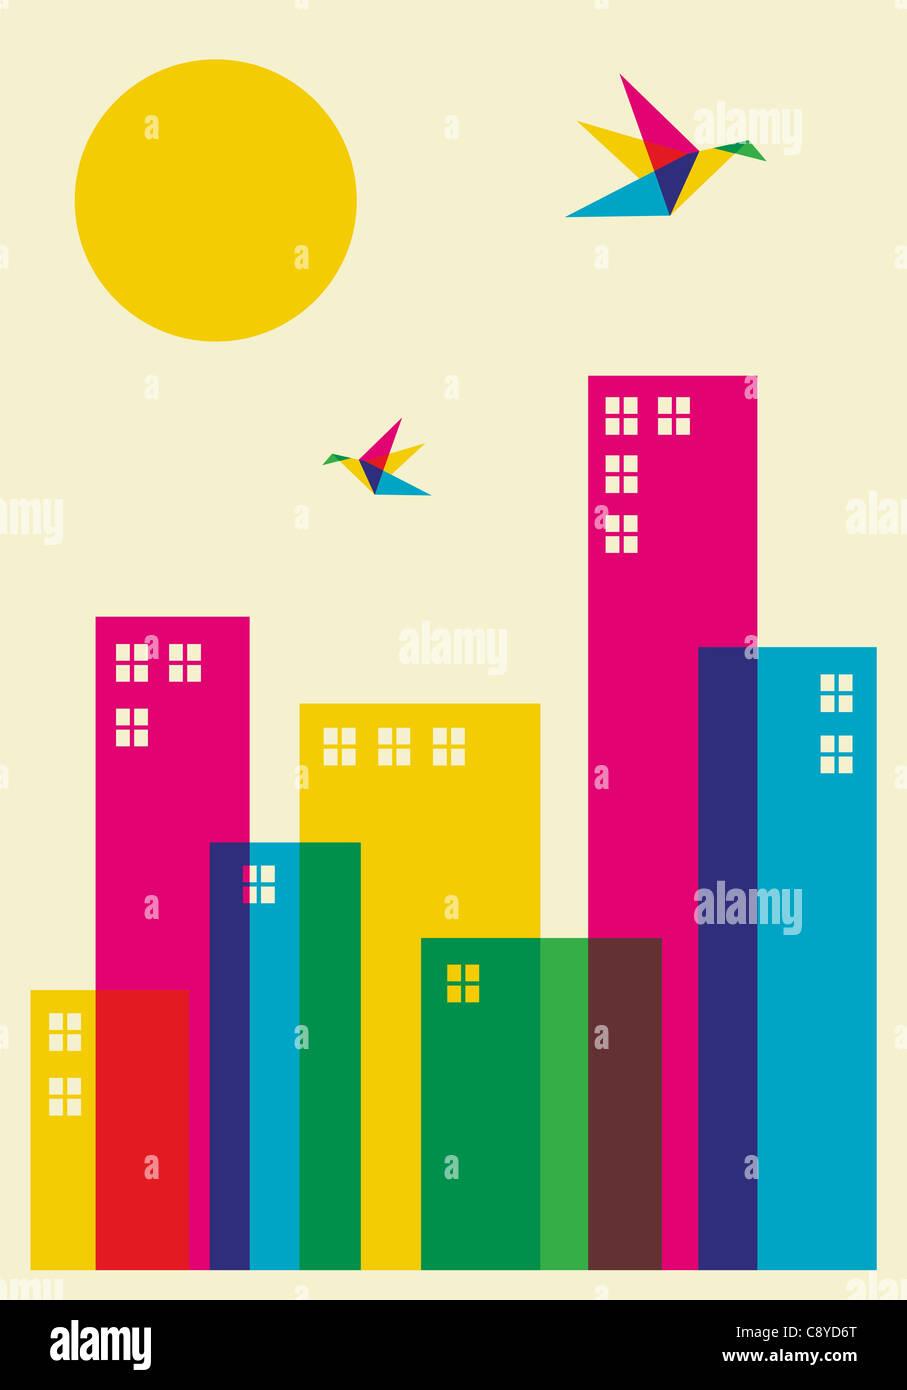 Frühling in der Stadt. Voller Farbe Brummen Vögel fliegen über die Stadt. Vektor-Datei zur Verfügung. Stockfoto